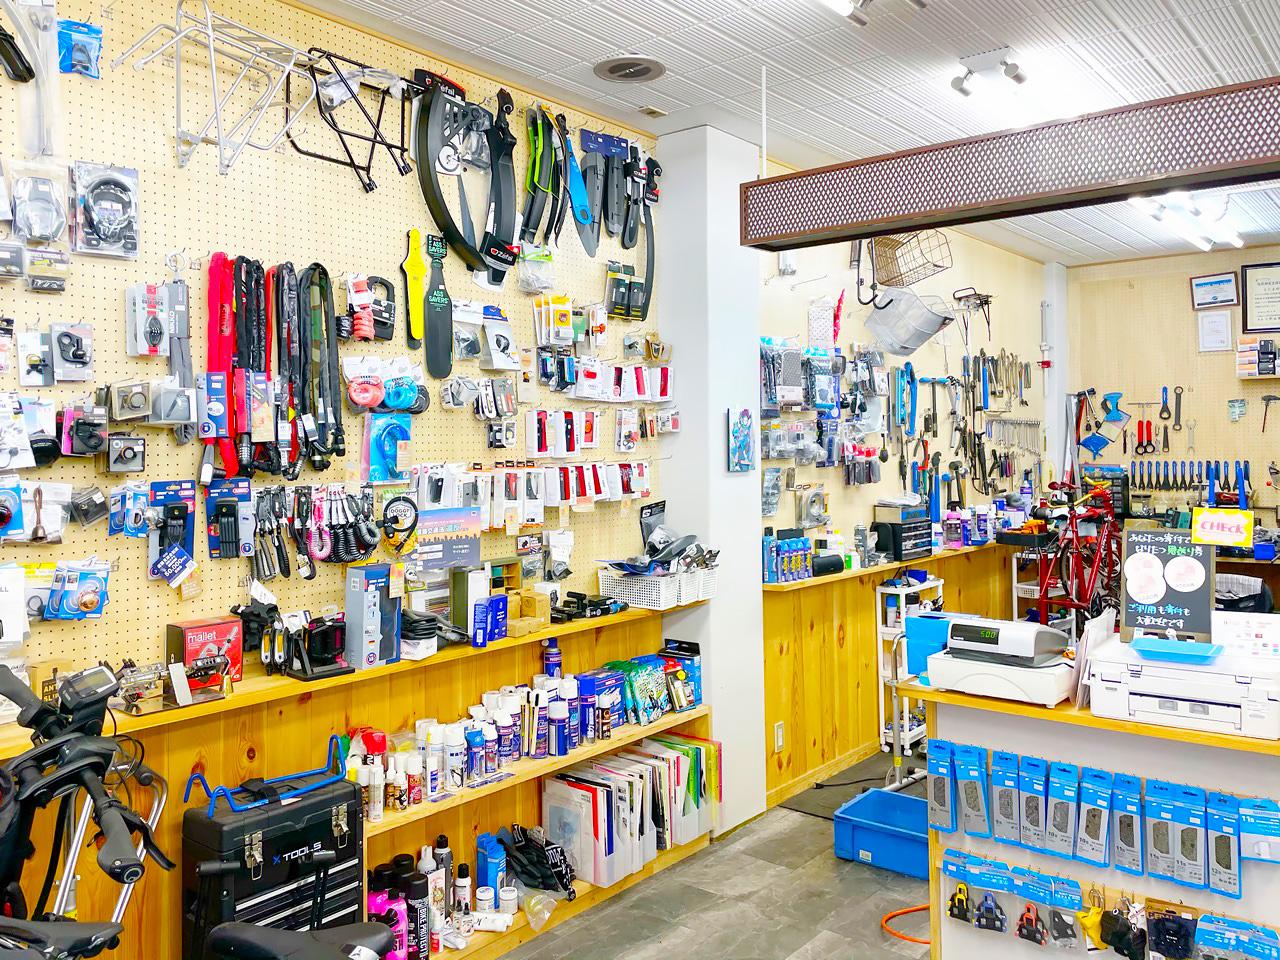 POTA BIKE製品の正規取扱店『侍サイクル』の店内の様子